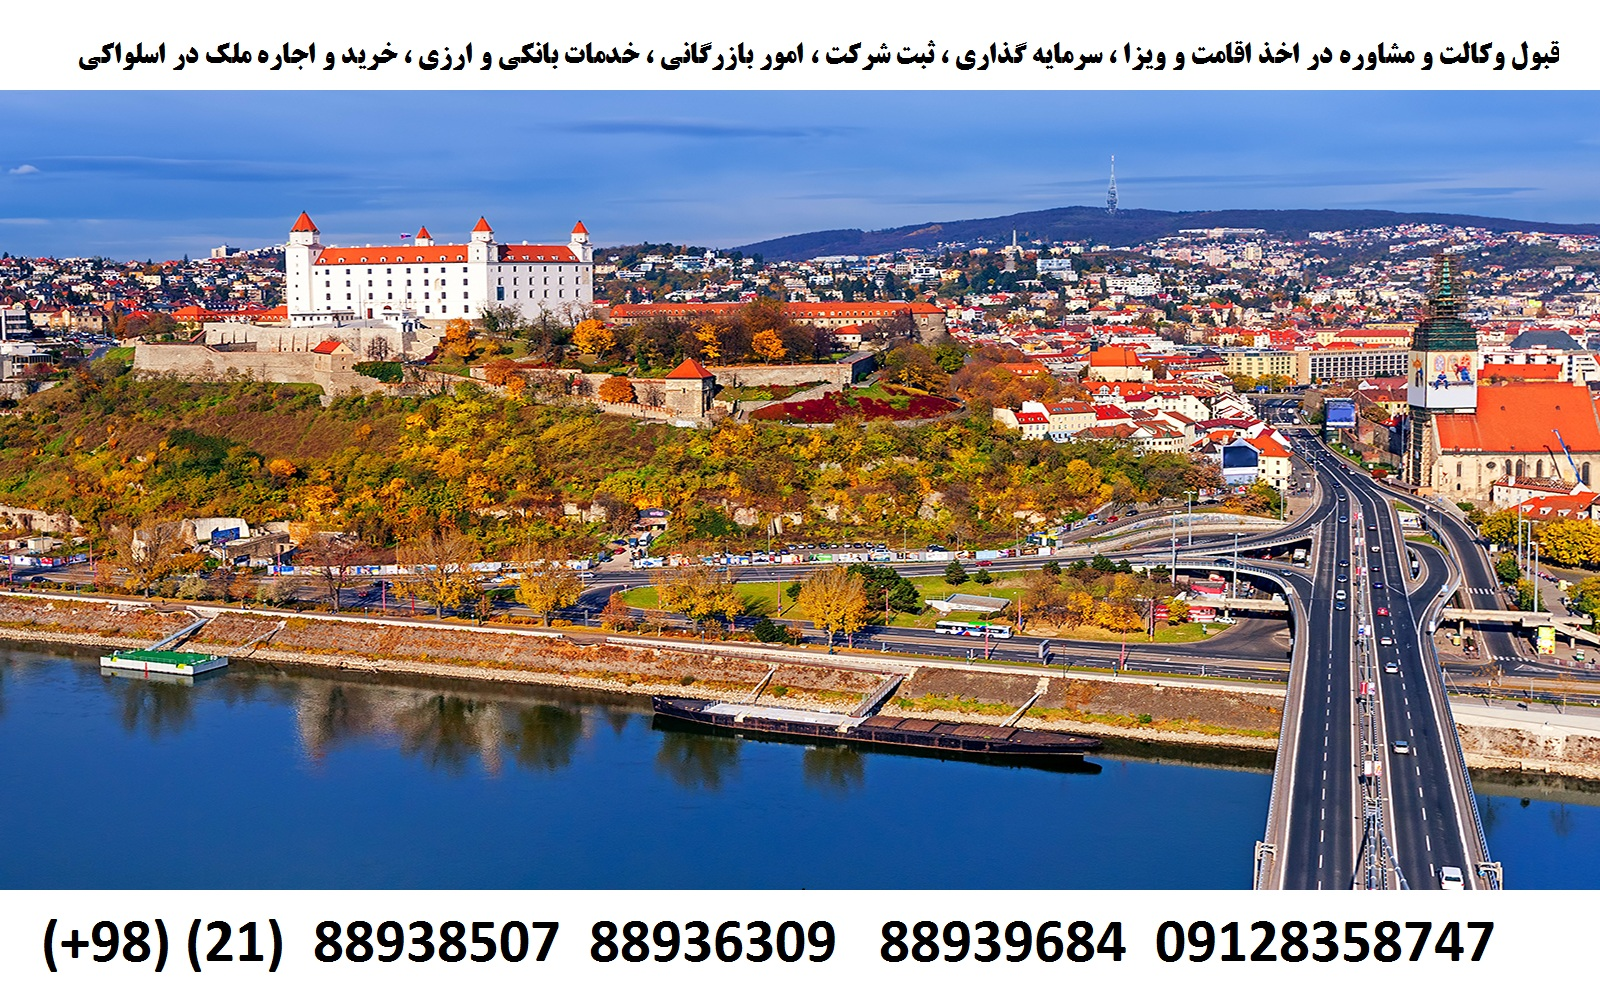 اقامت ، اخذ ویزا ، ثبت شرکت ، سرمایه گذاری در اسلواکی (7)